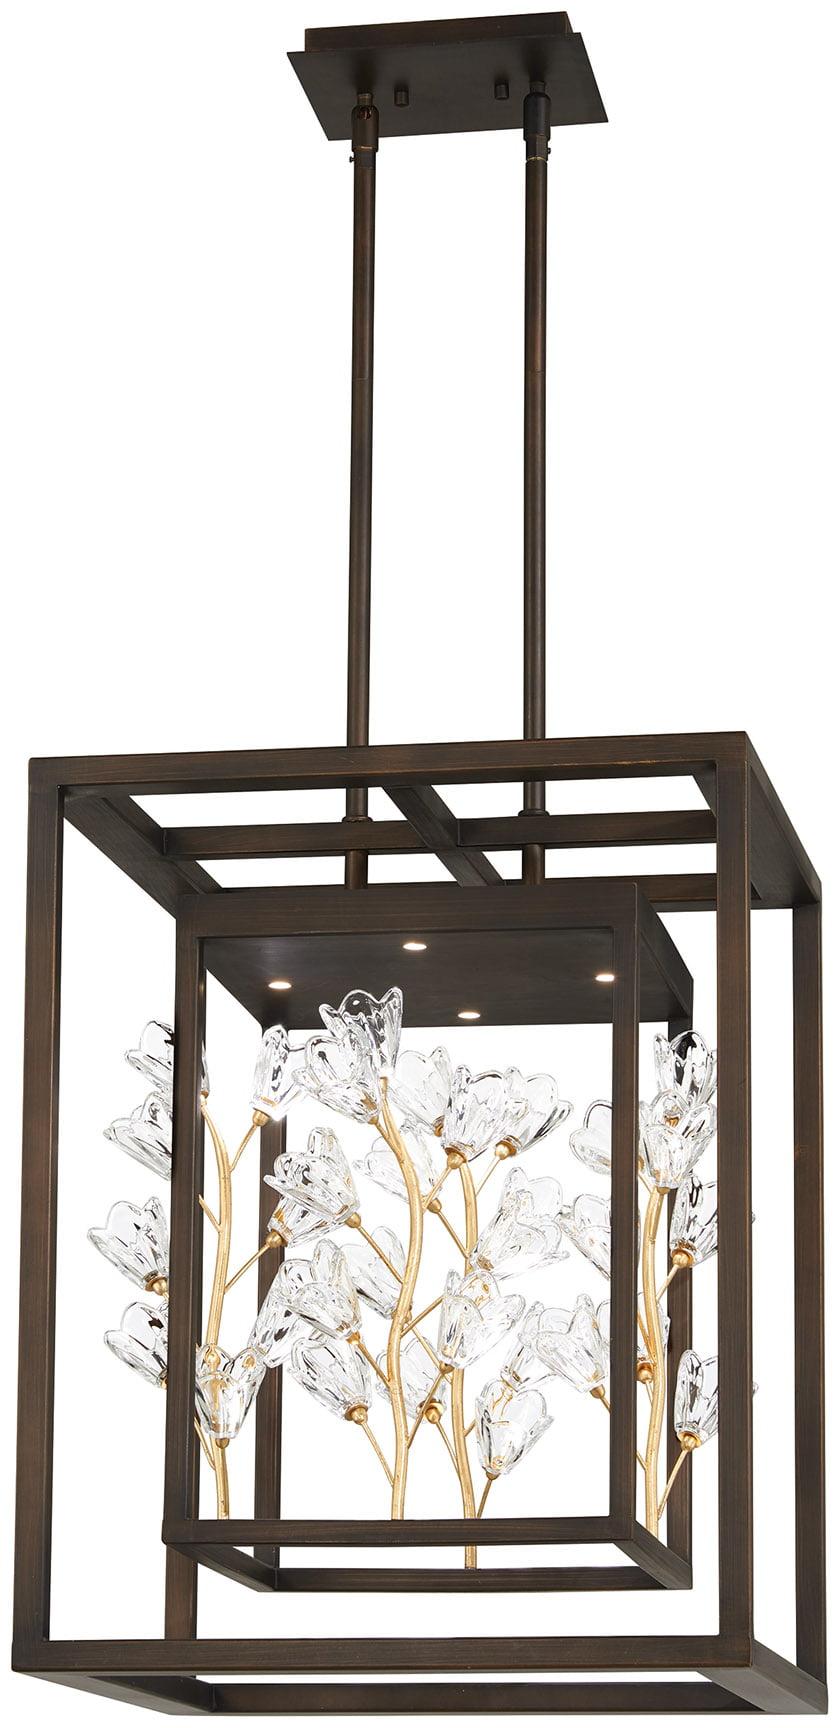 The Maison des Fleurs pendant from the Metropolitan Lighting Fixture Co.